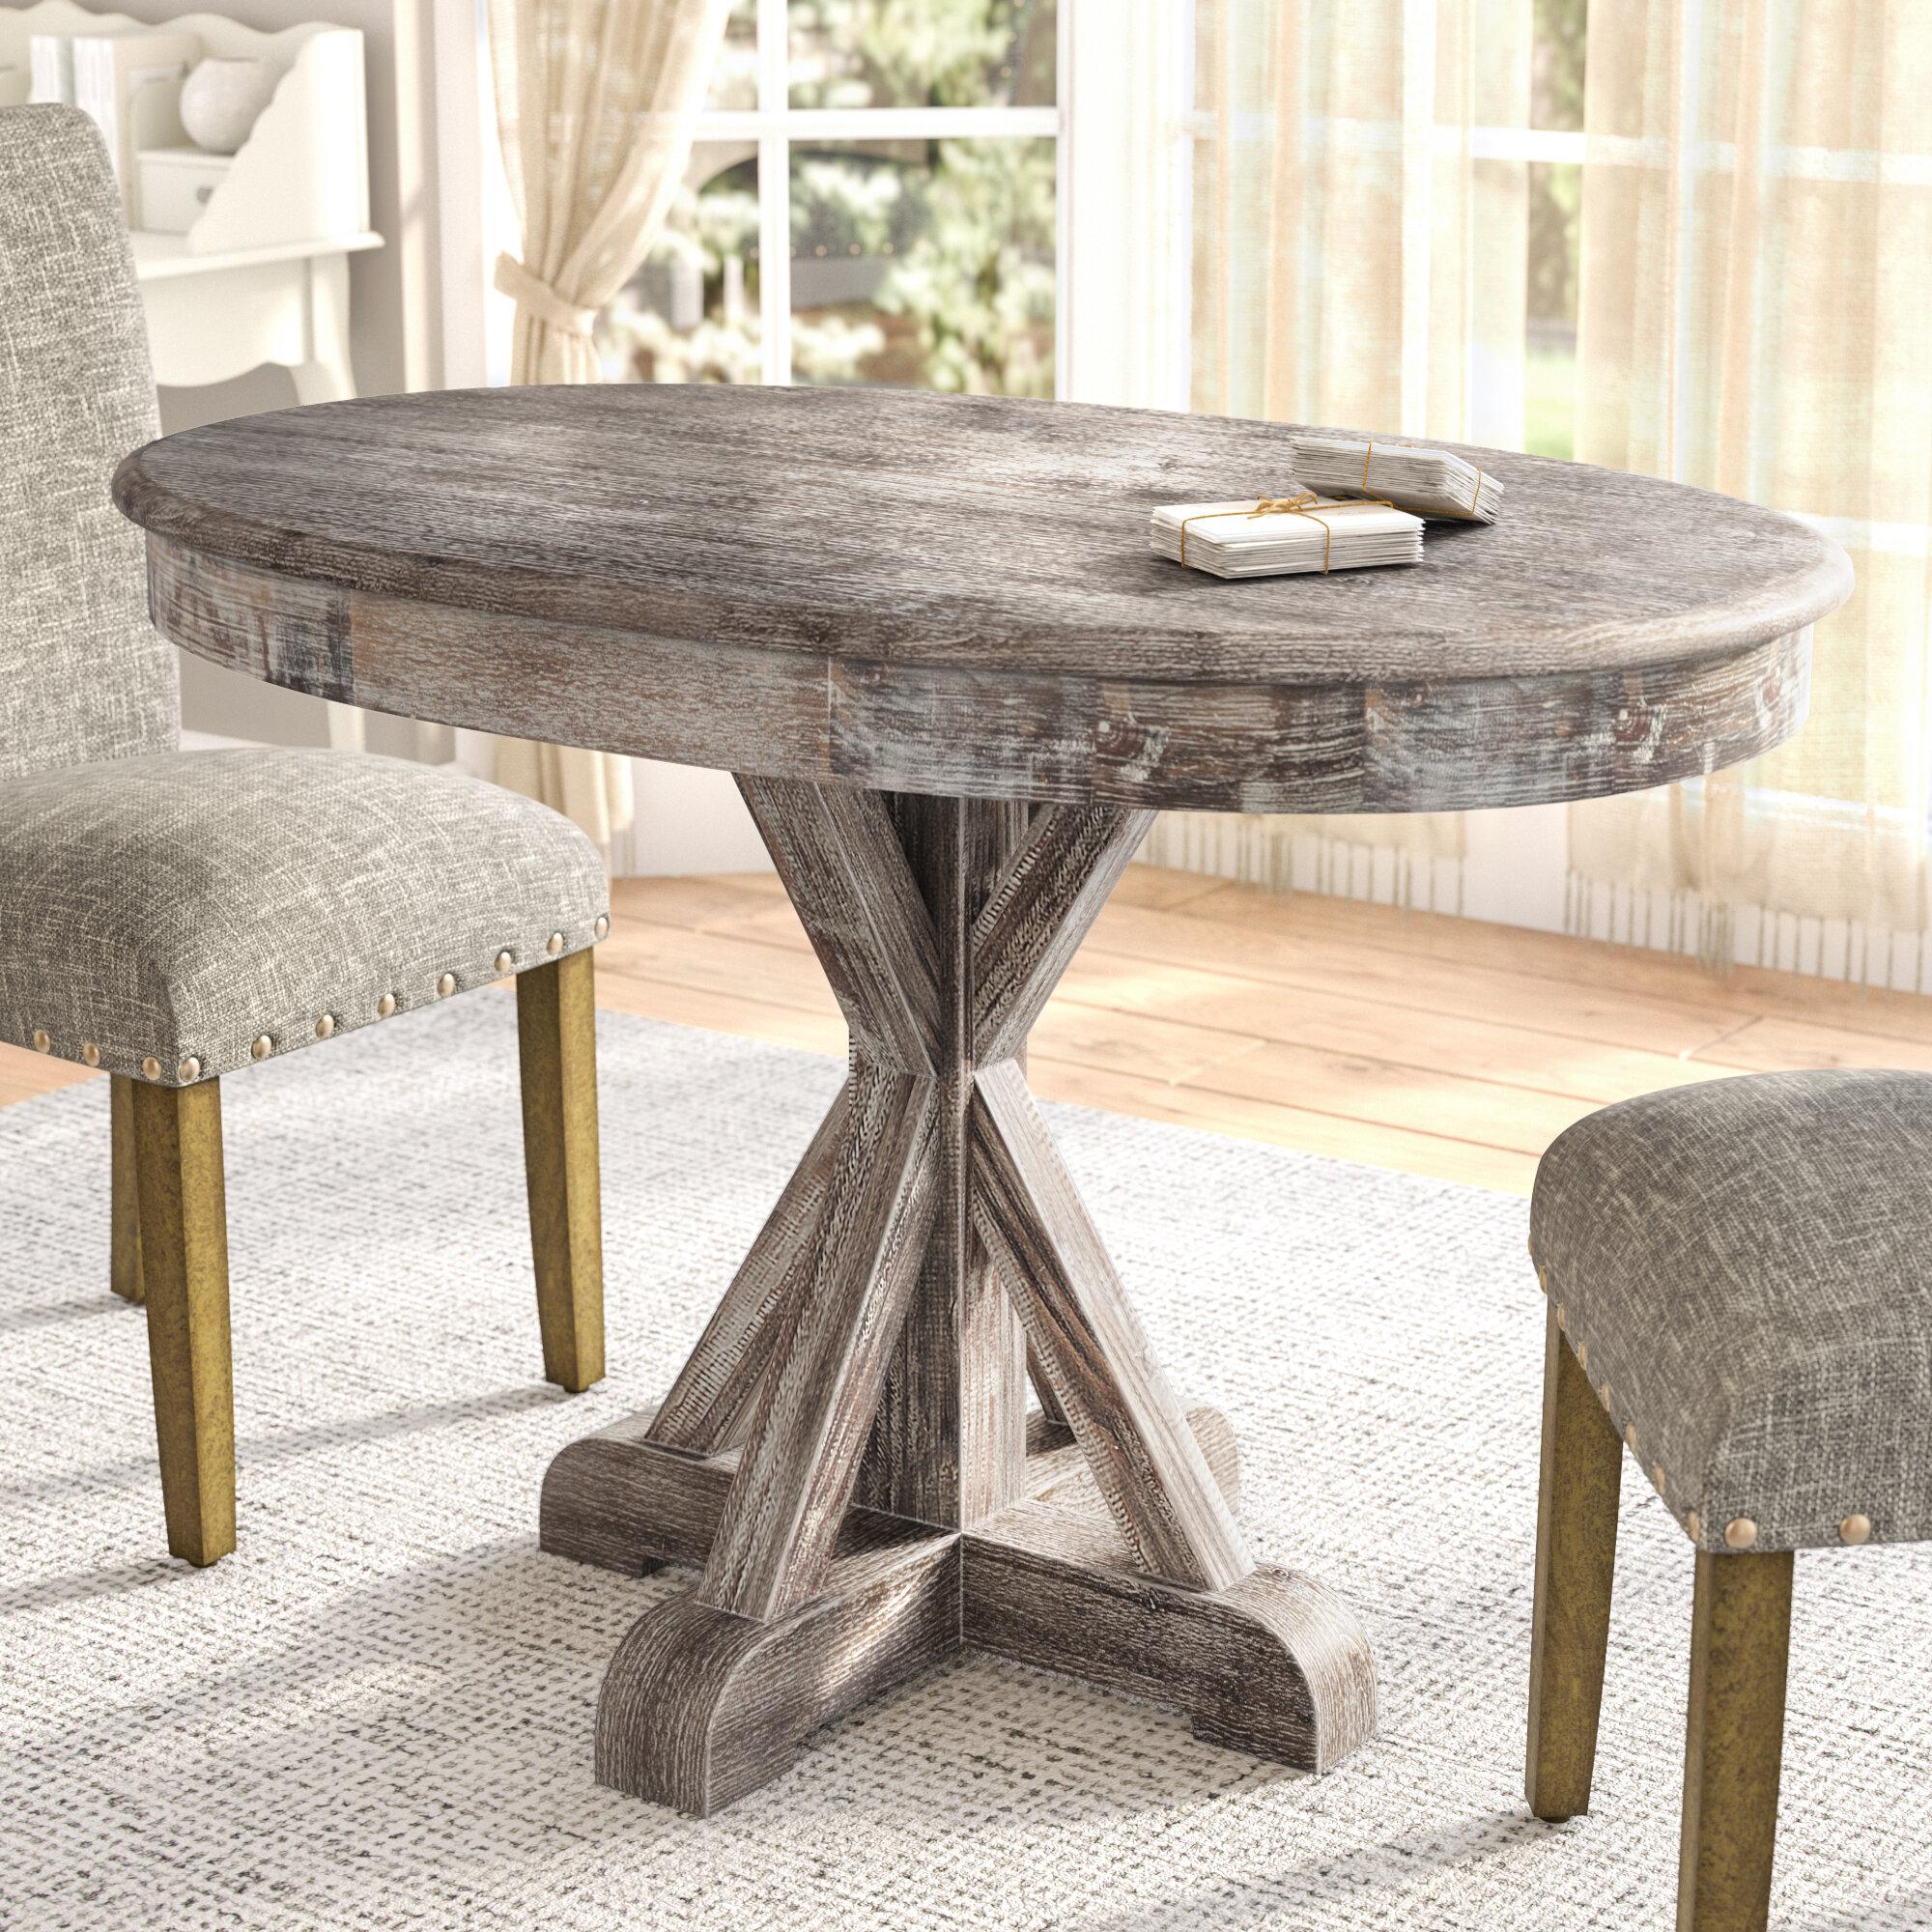 Greyleigh maryanne oval dining table reviews wayfair